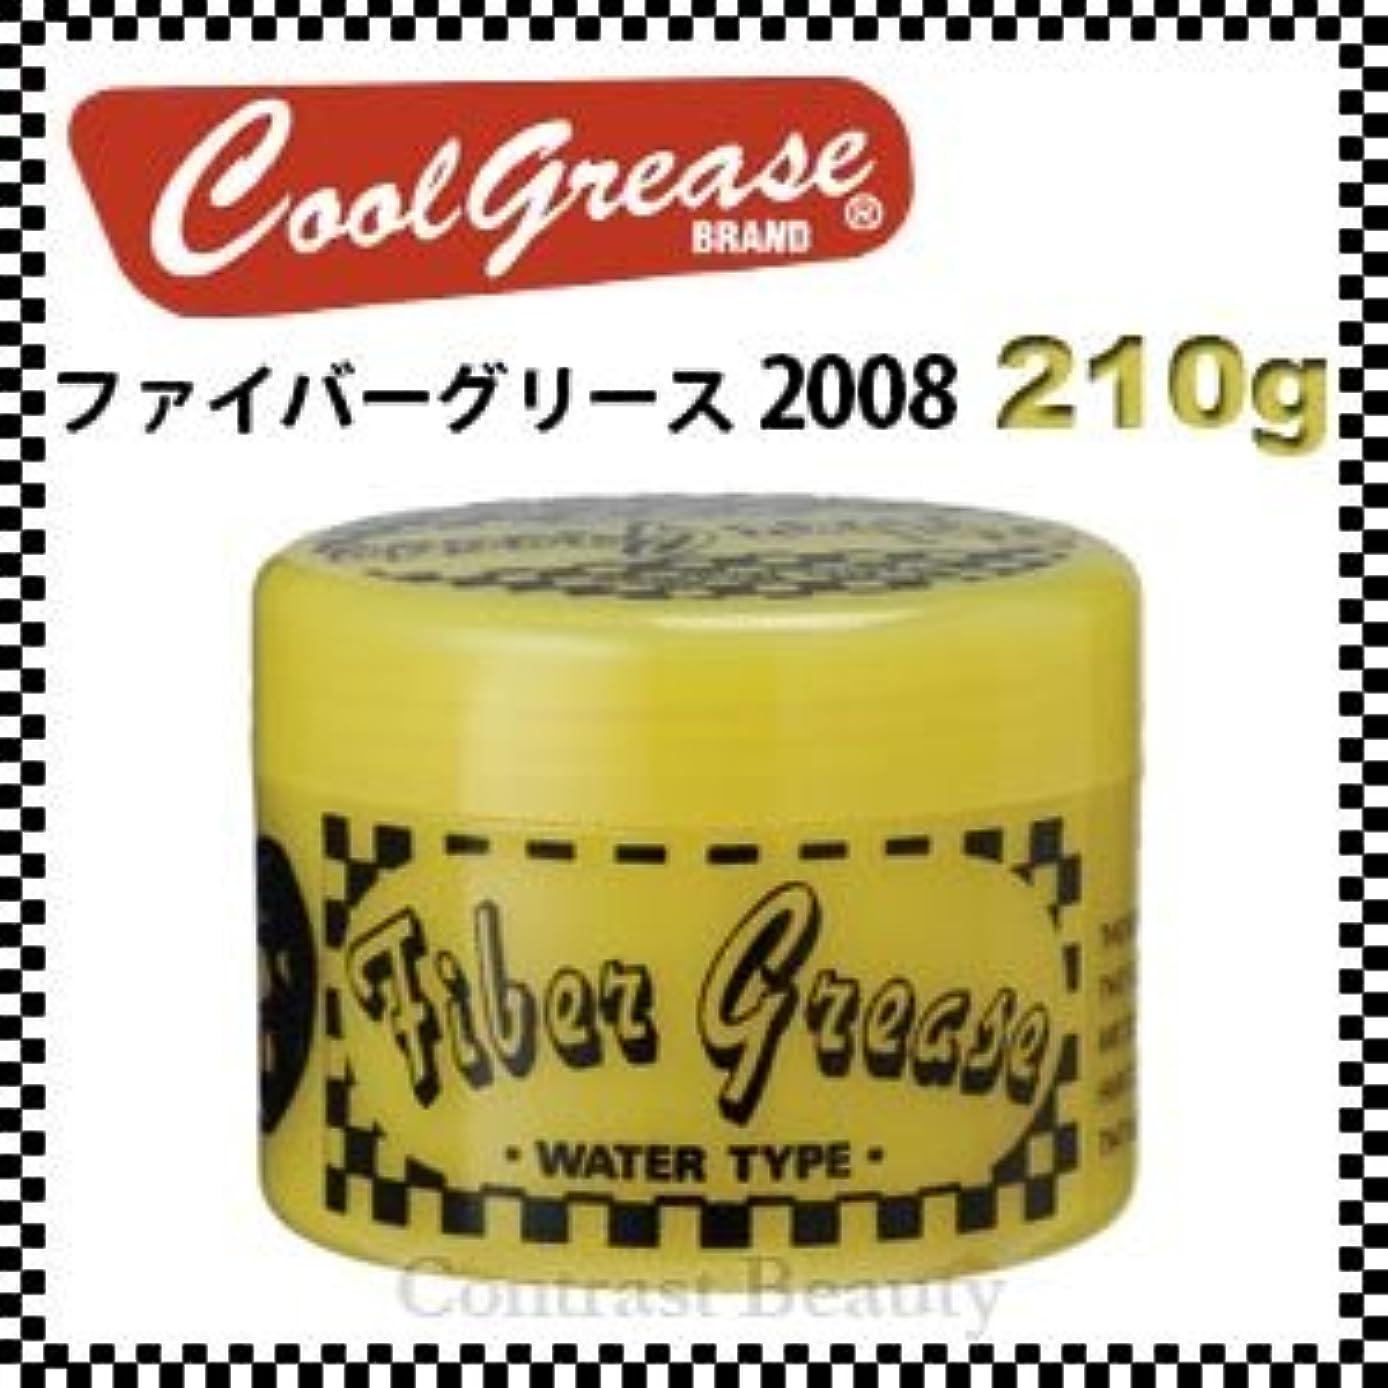 処方する五十派手【X5個セット】 阪本高生堂 ファイバーグリース 2008 210g